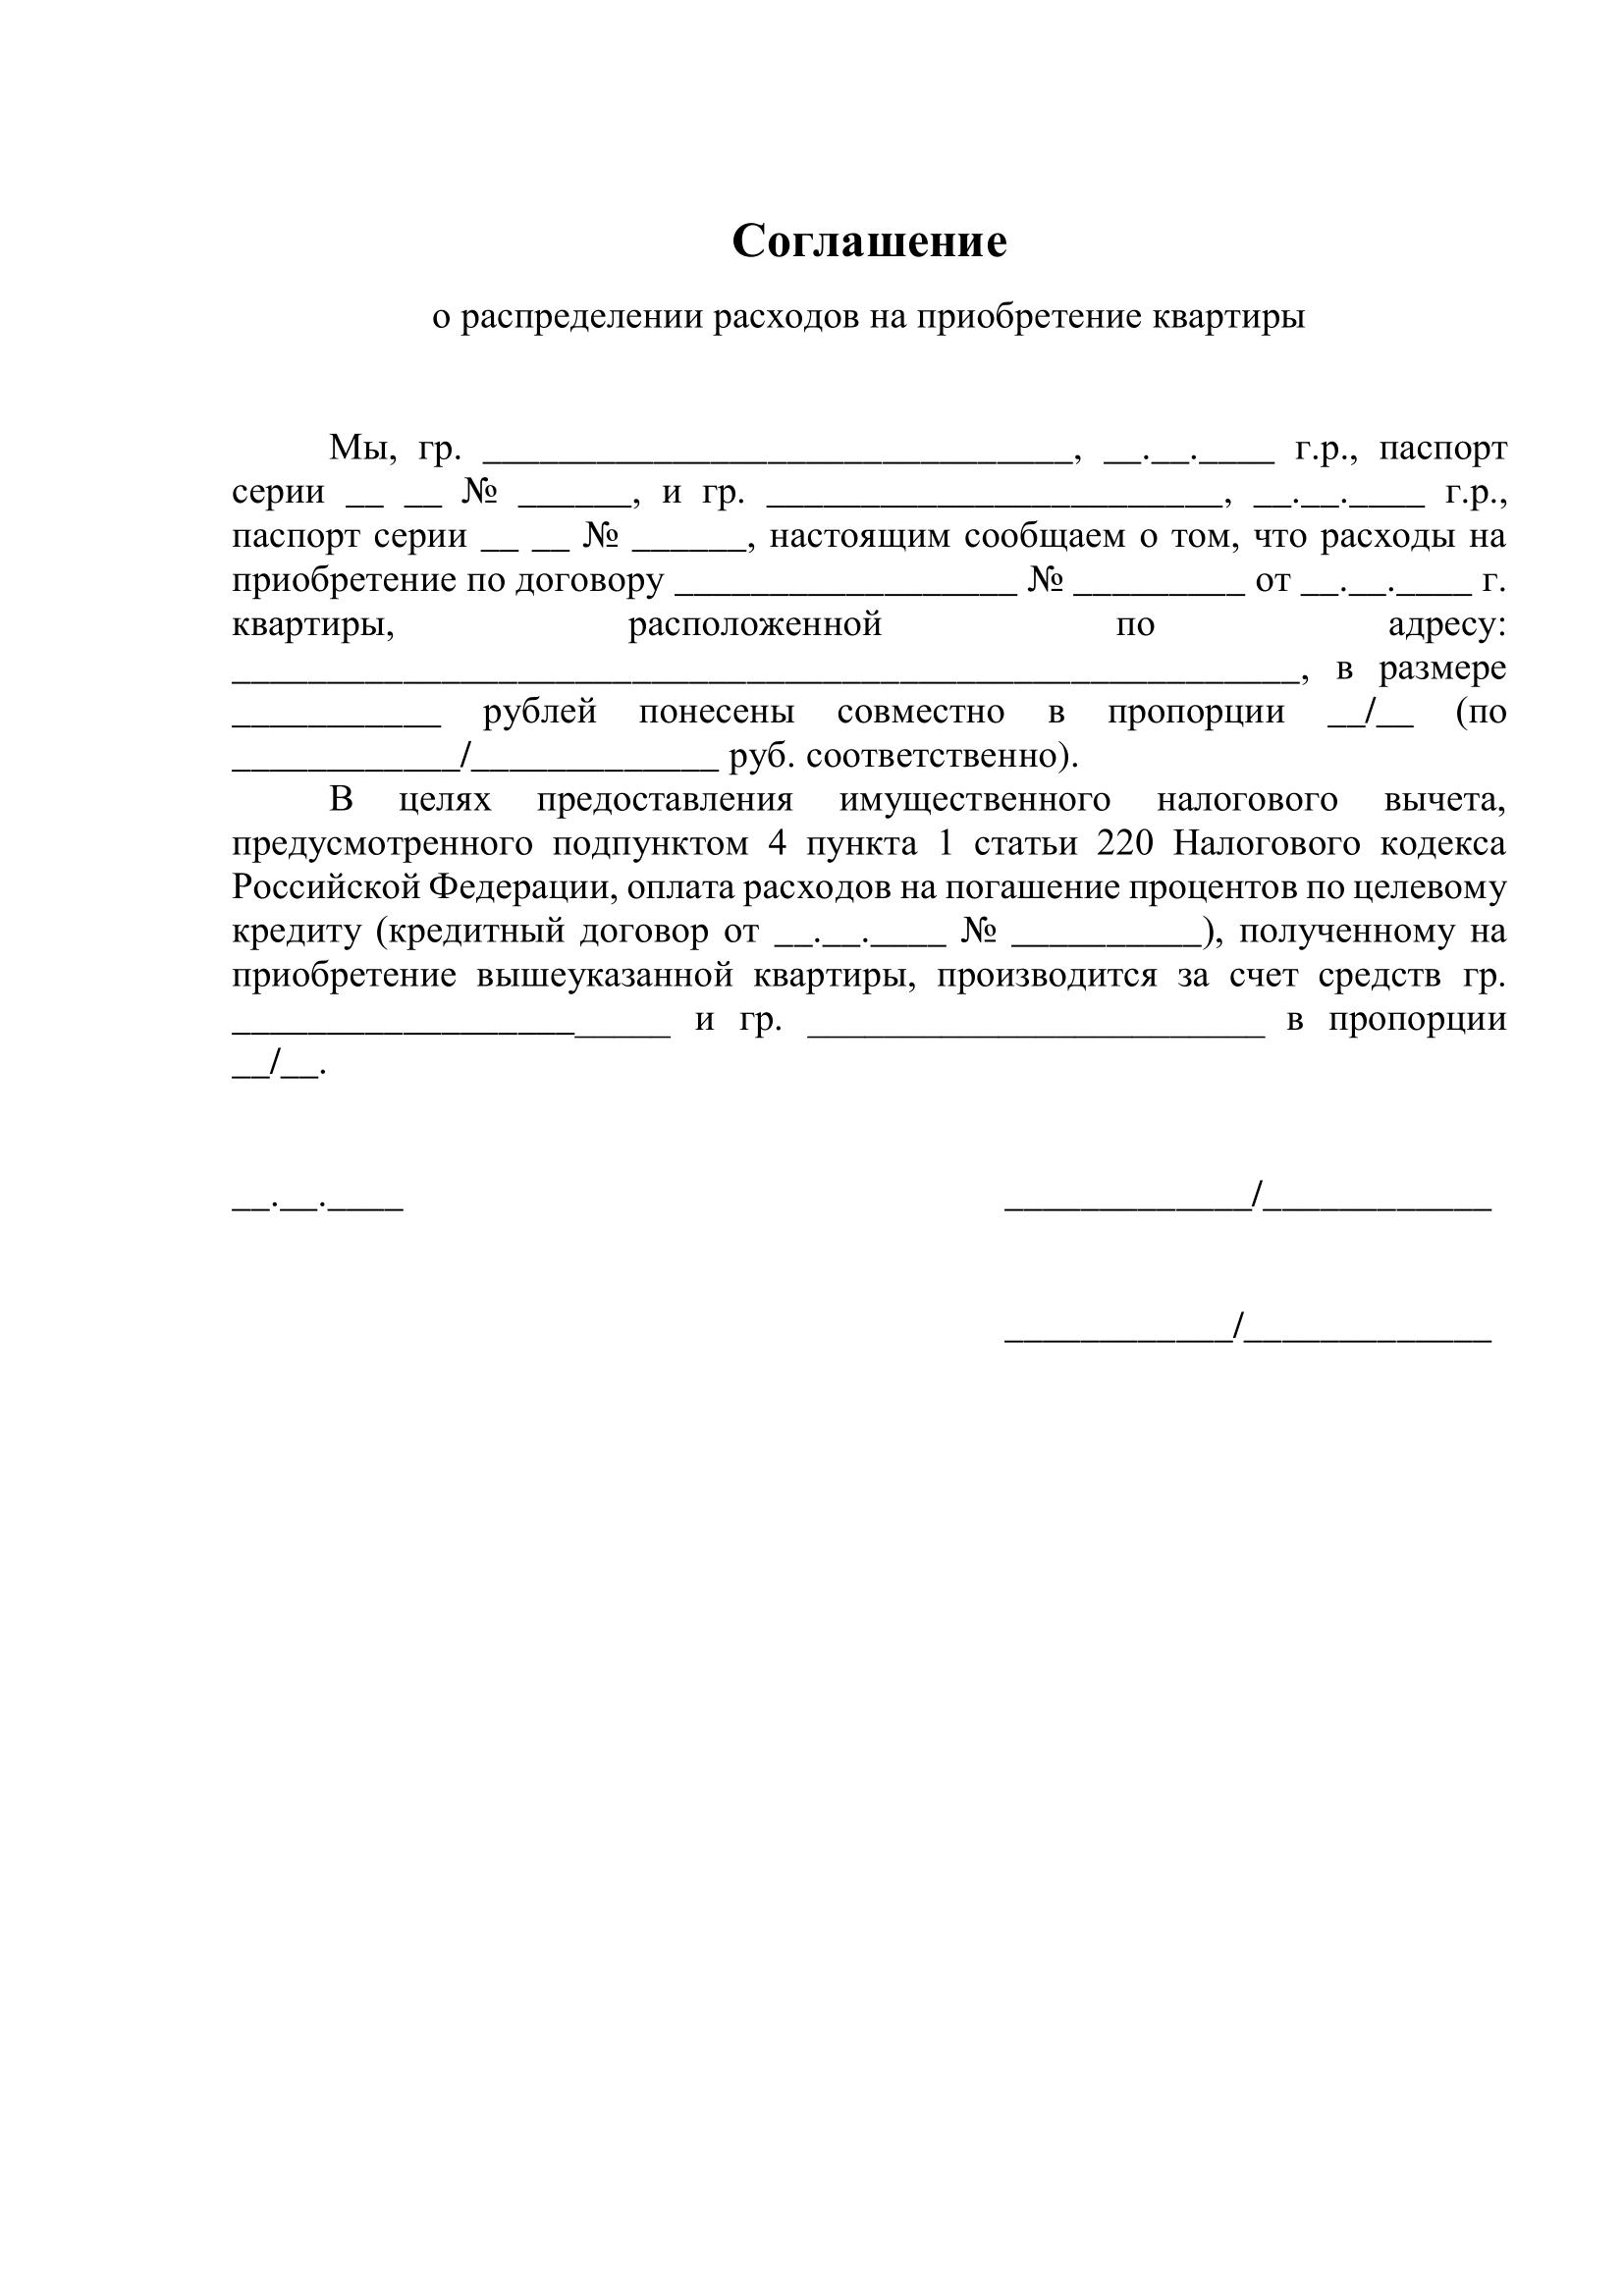 Соглашение о распределении расходов на приобретение квартиры (образец)